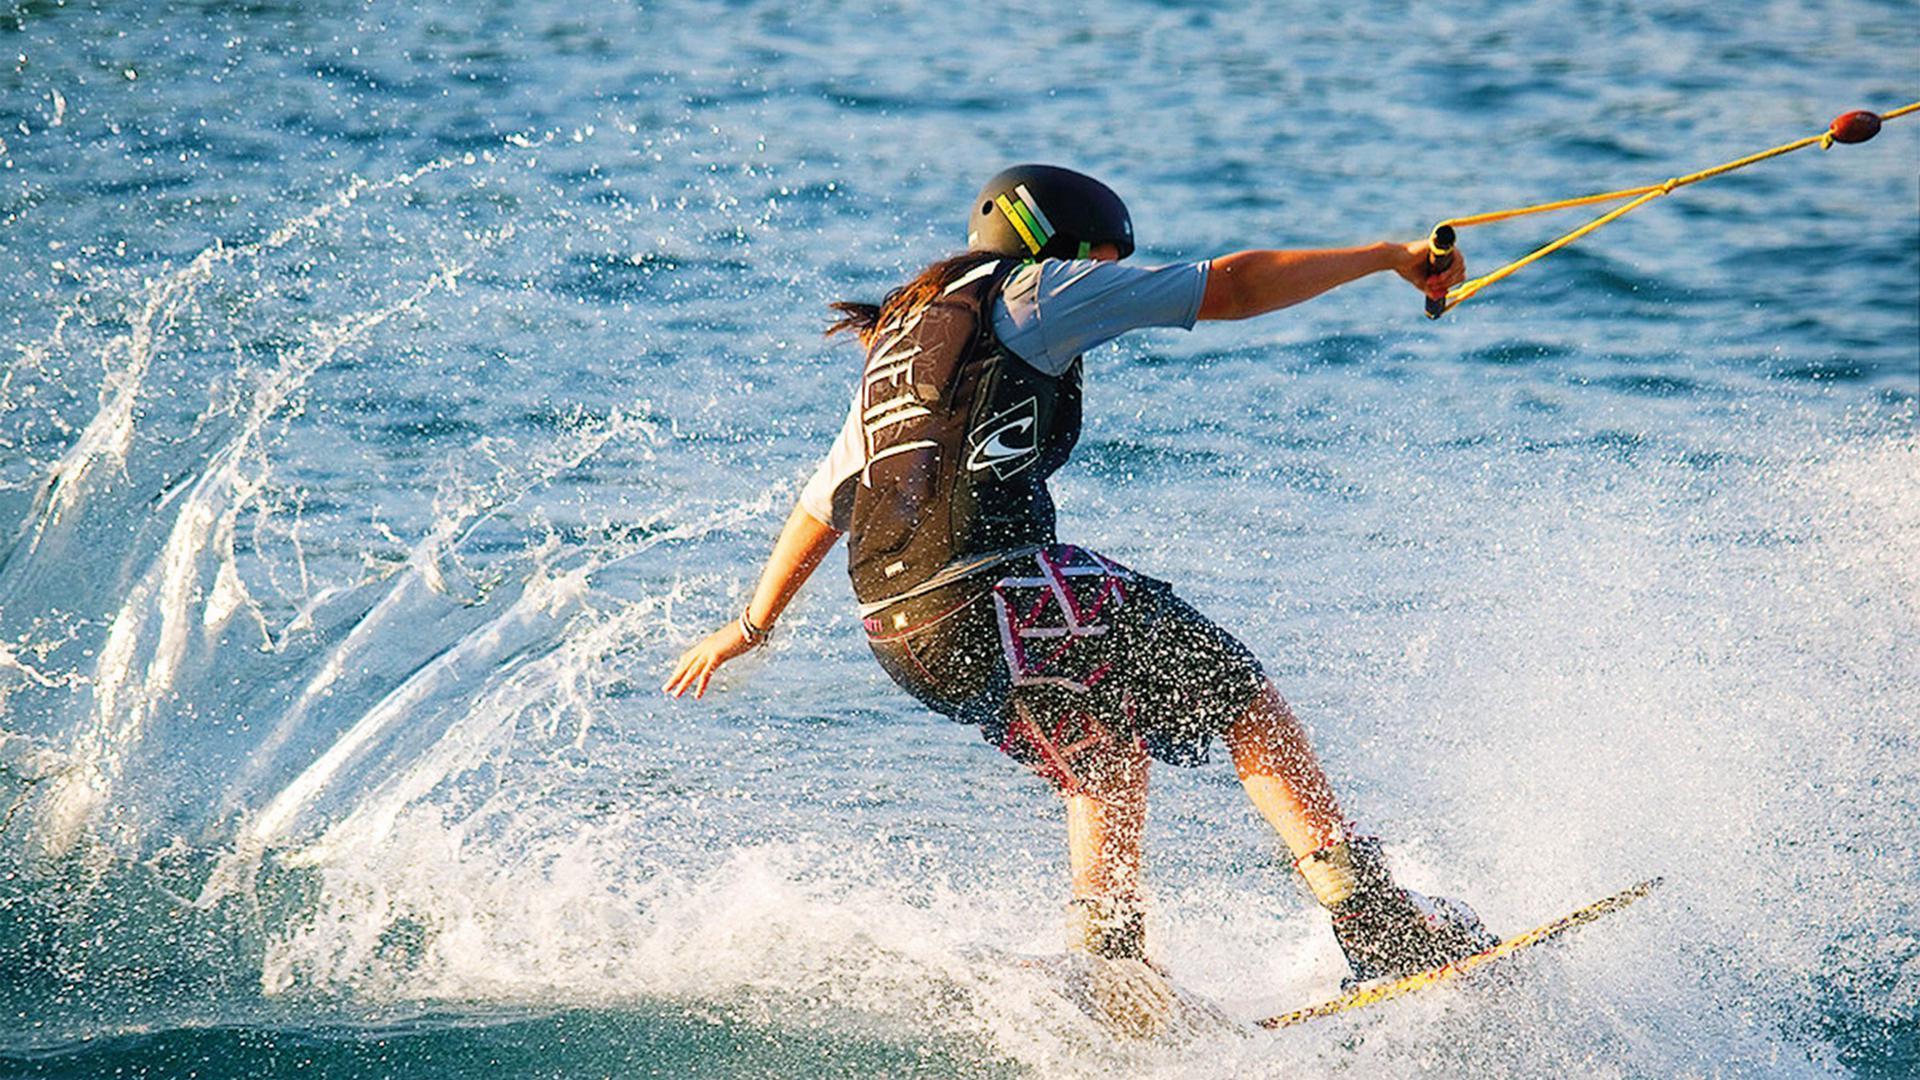 Wakeboard-Fahrerin